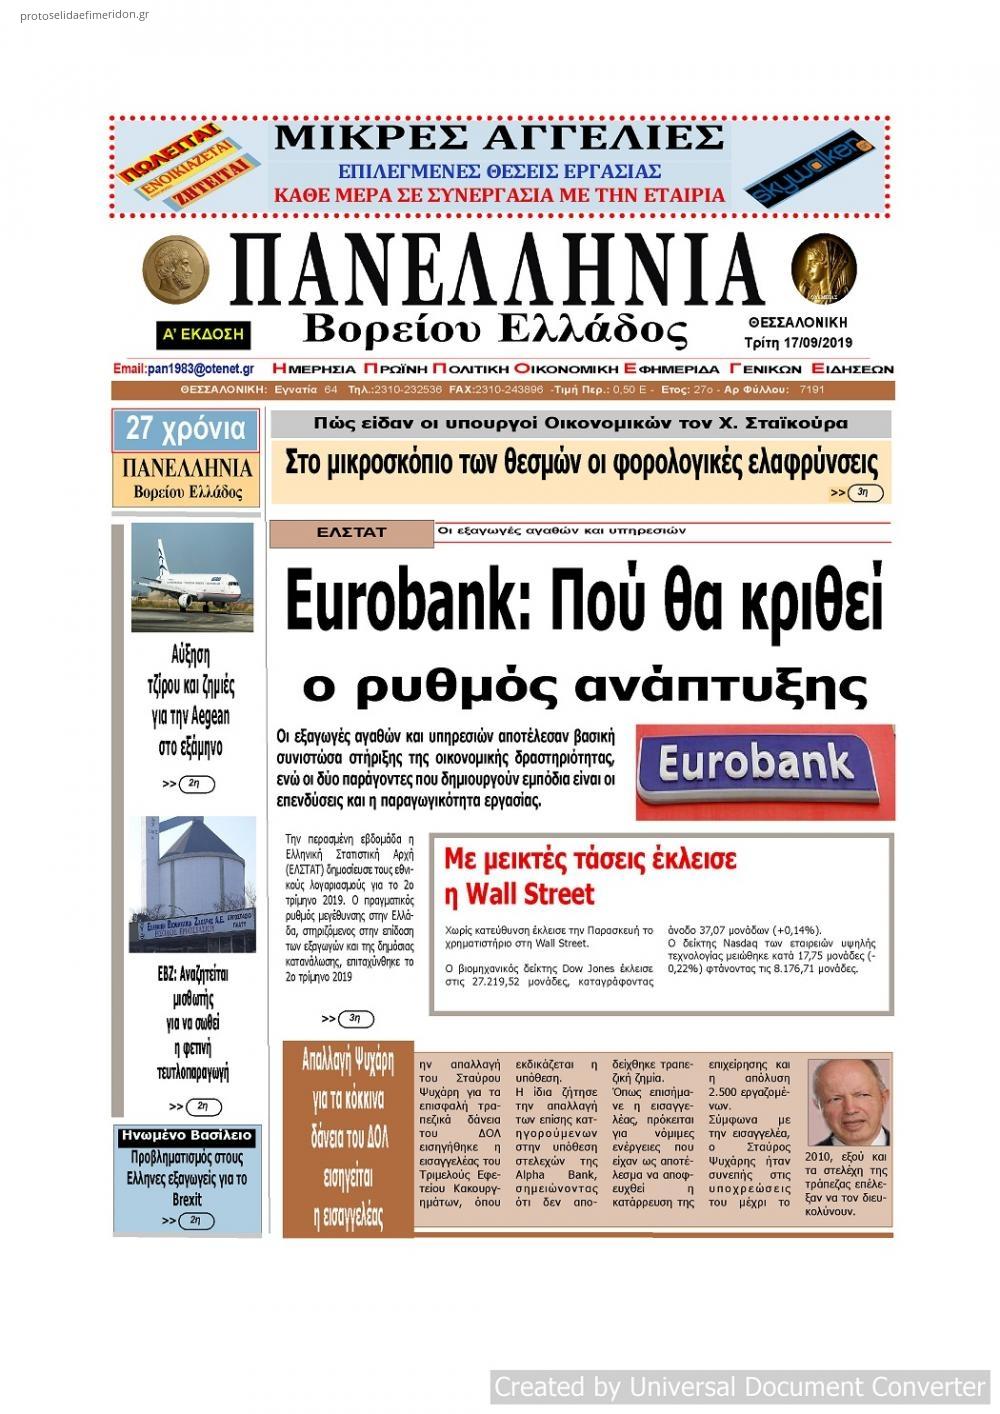 Πρωτοσέλιδο εφημερίδας Πανελλήνια